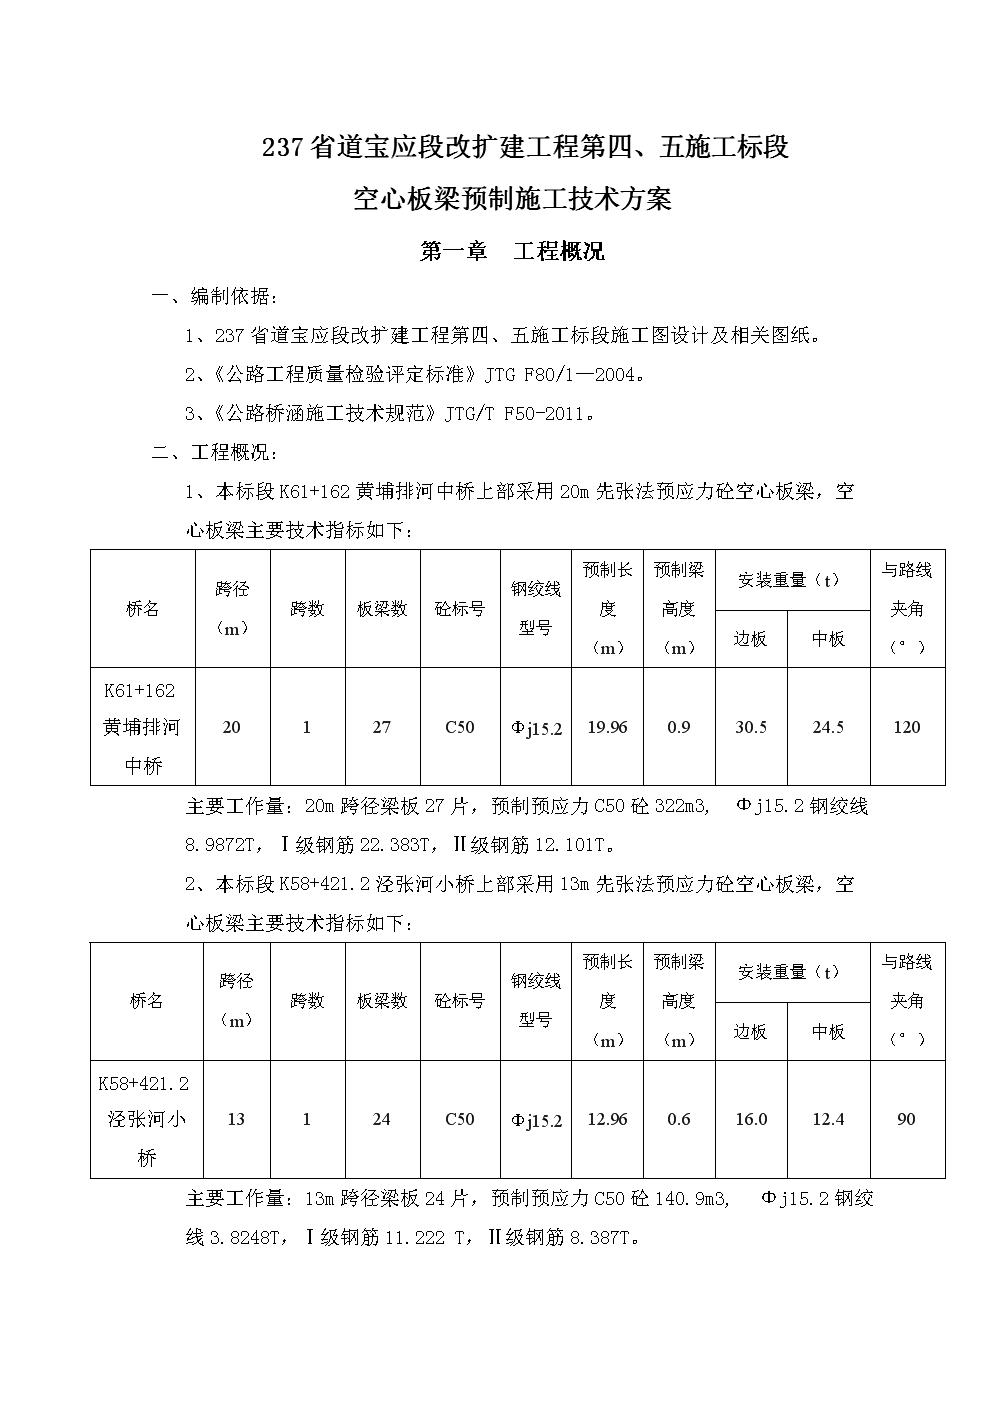 宝应开工拼图版资料.doc修改图纸装甲车图片